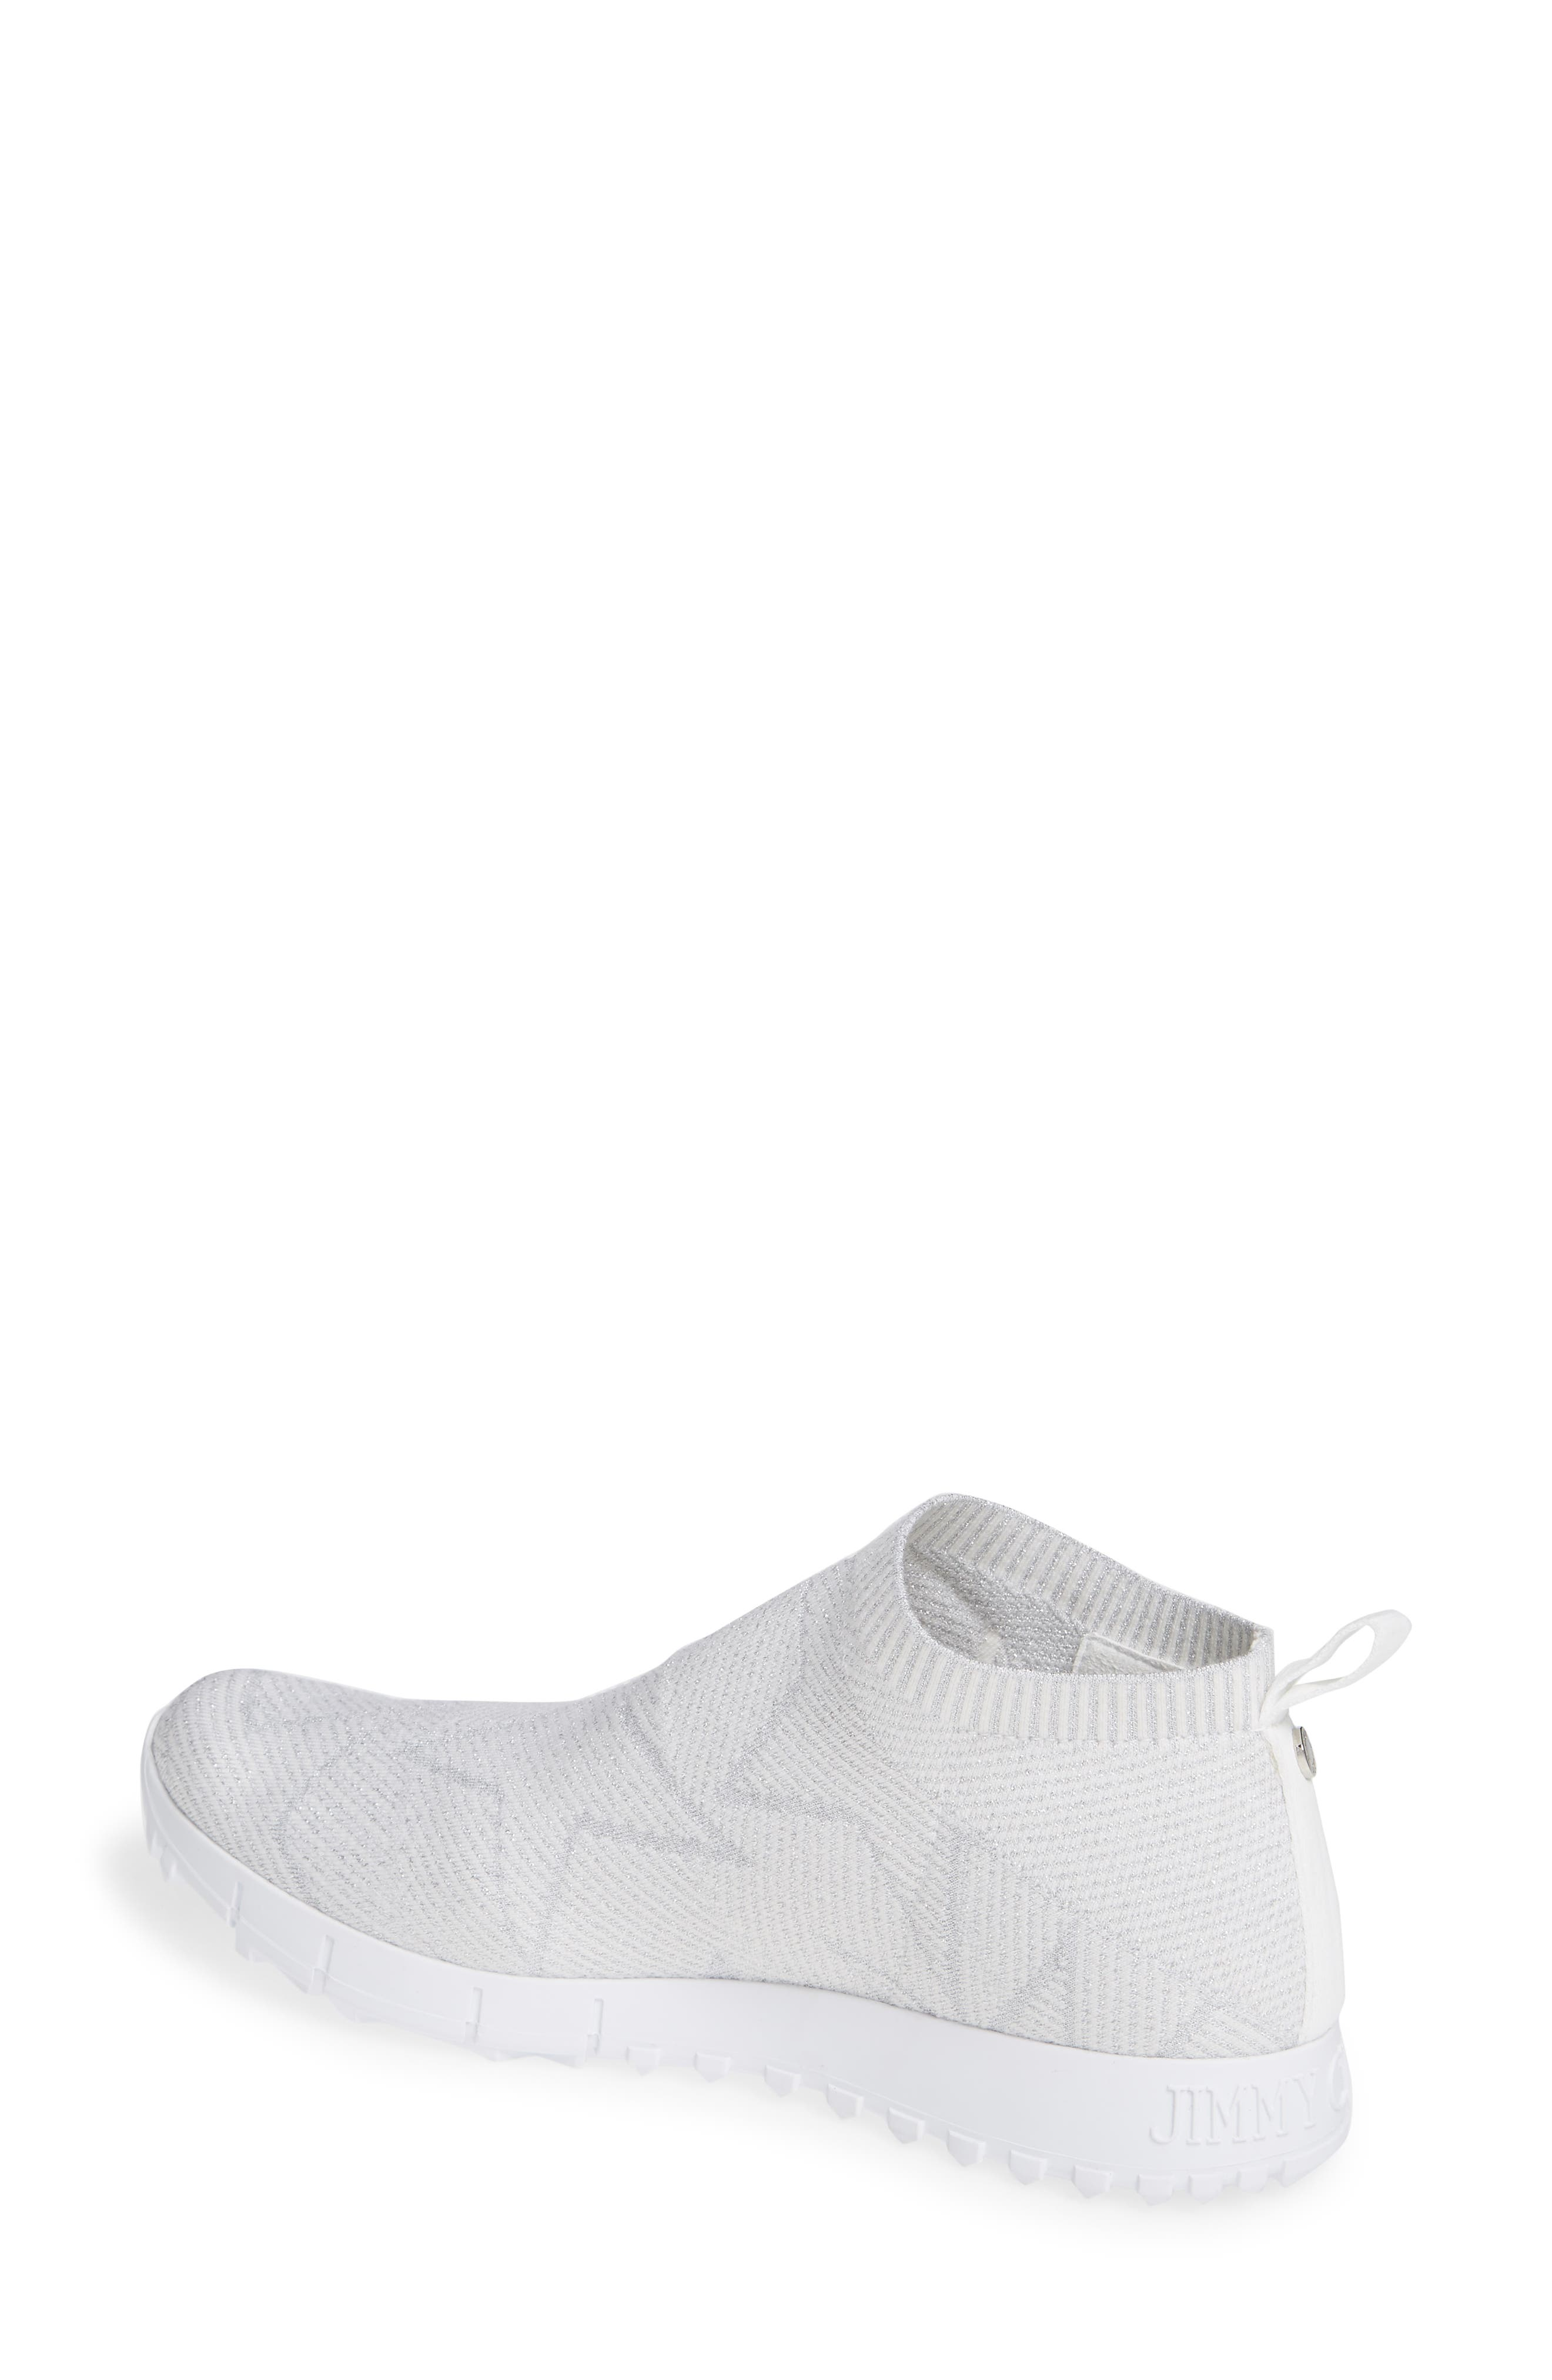 Norway Star Slip-On Sneaker,                             Alternate thumbnail 2, color,                             WHITE